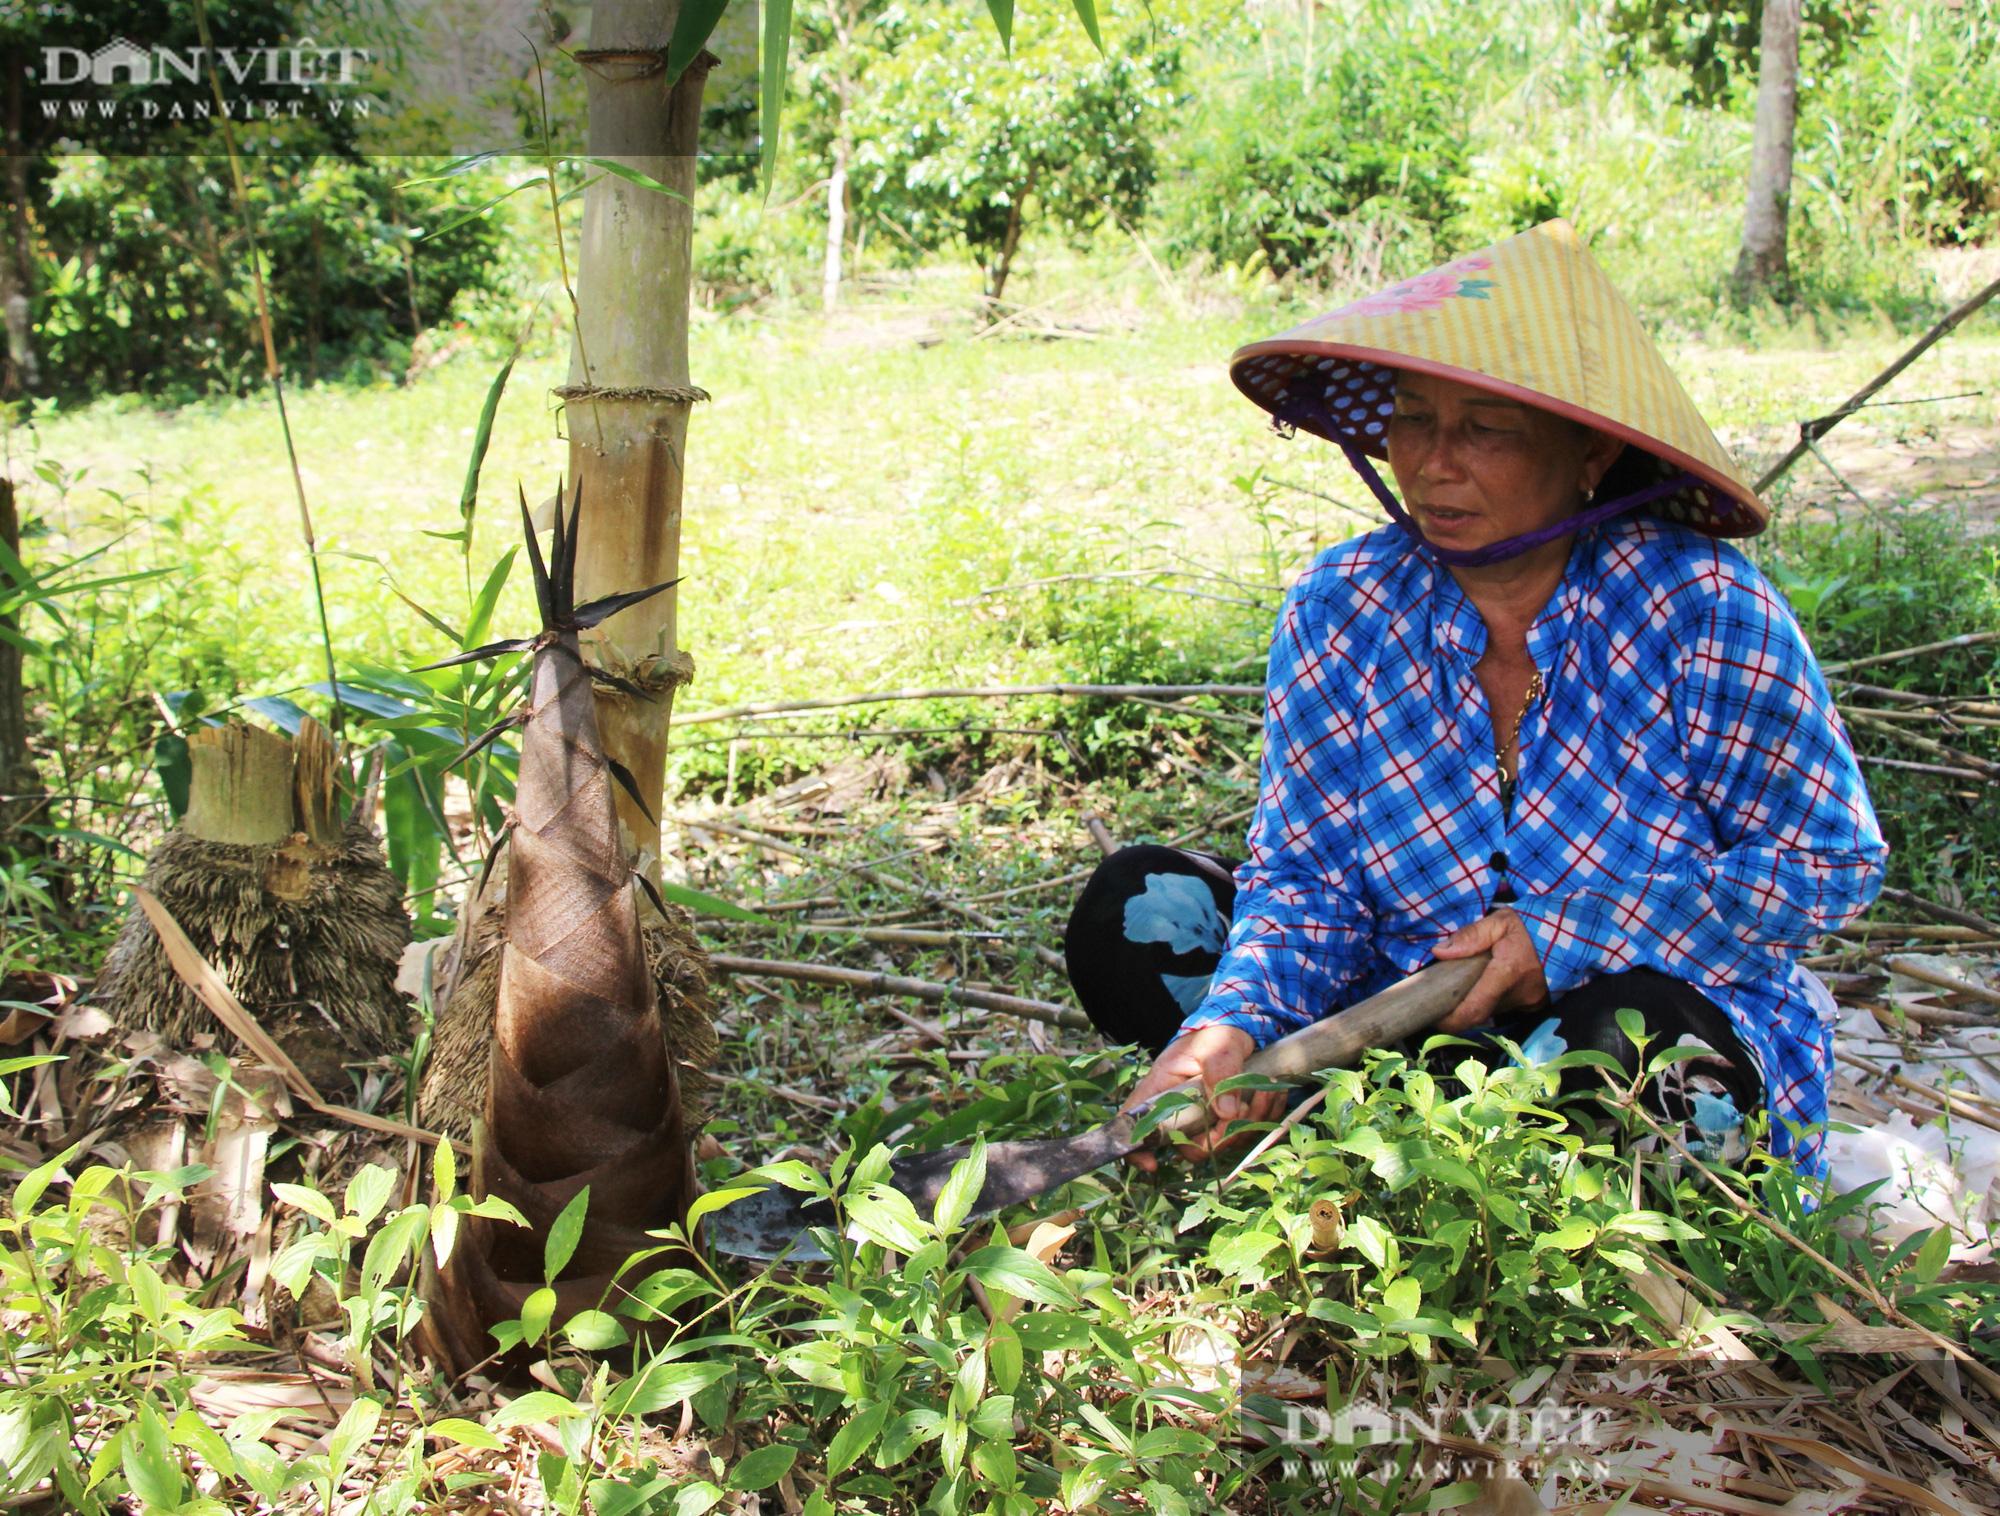 Thu lãi trăm triệu đồng/năm nhờ trồng loài cây bán không bỏ thứ gì - Ảnh 1.